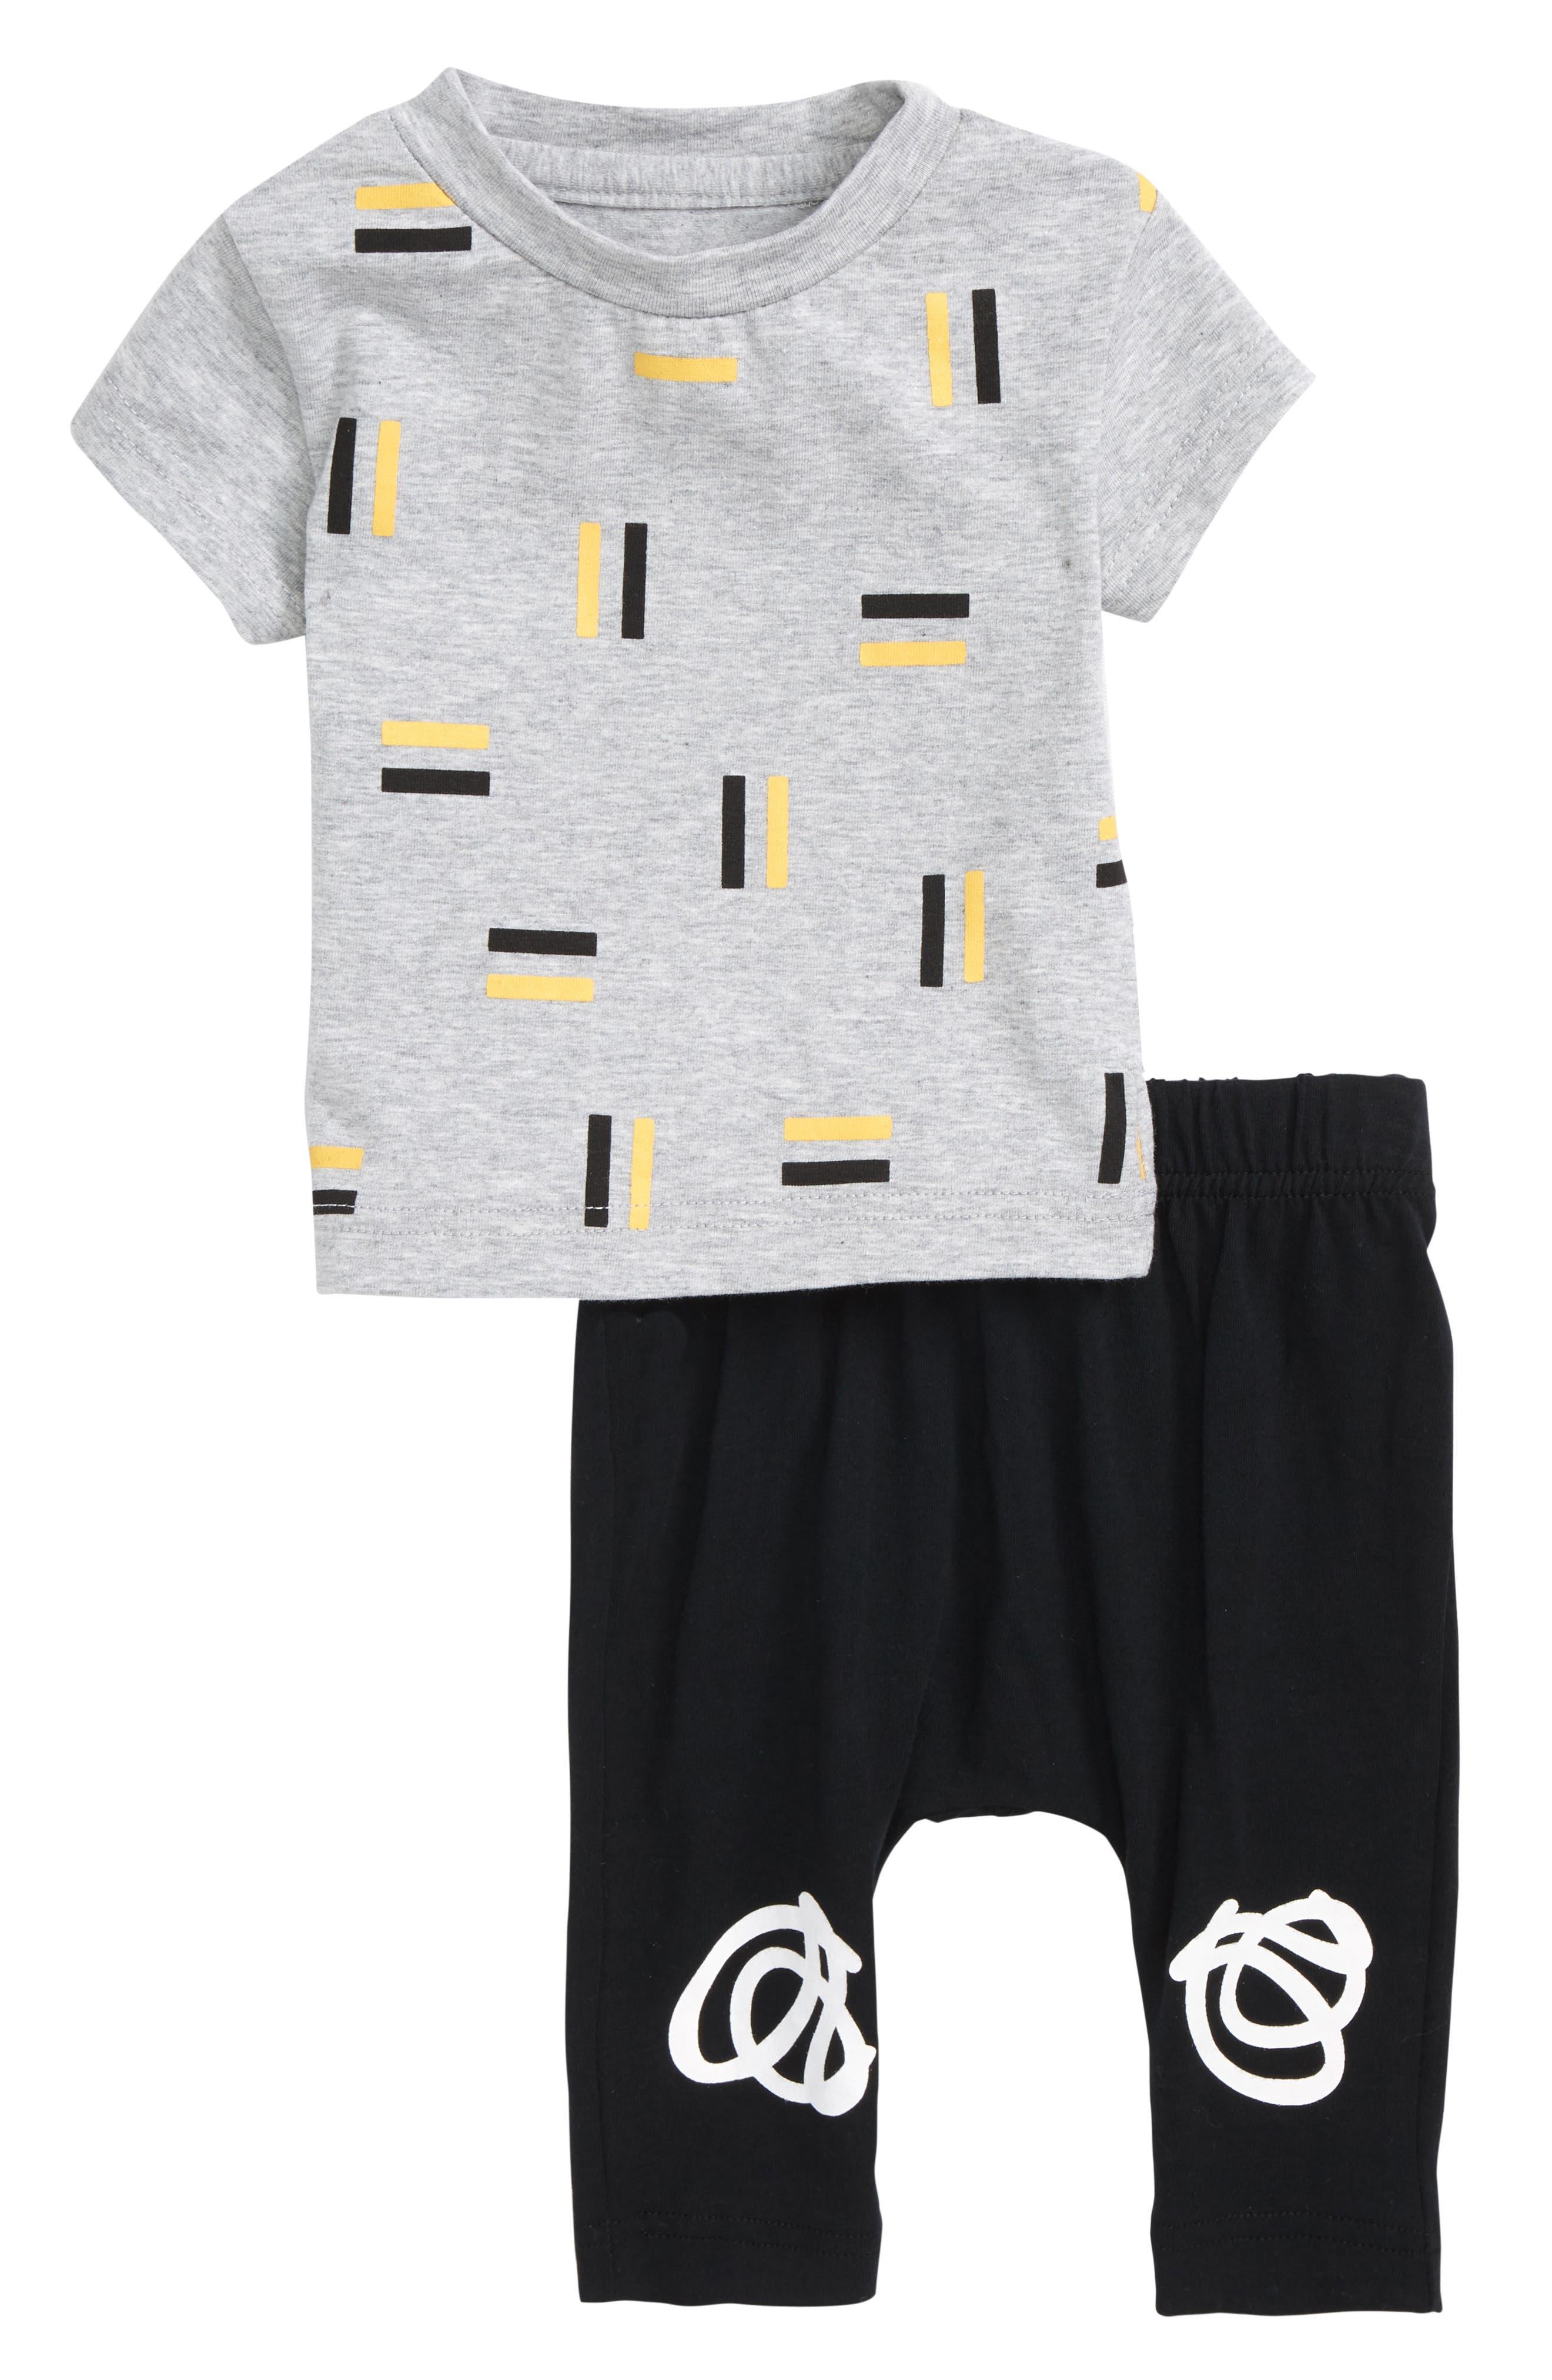 Pause Shirt & Pants Set,                             Main thumbnail 1, color,                             Grey/ Black